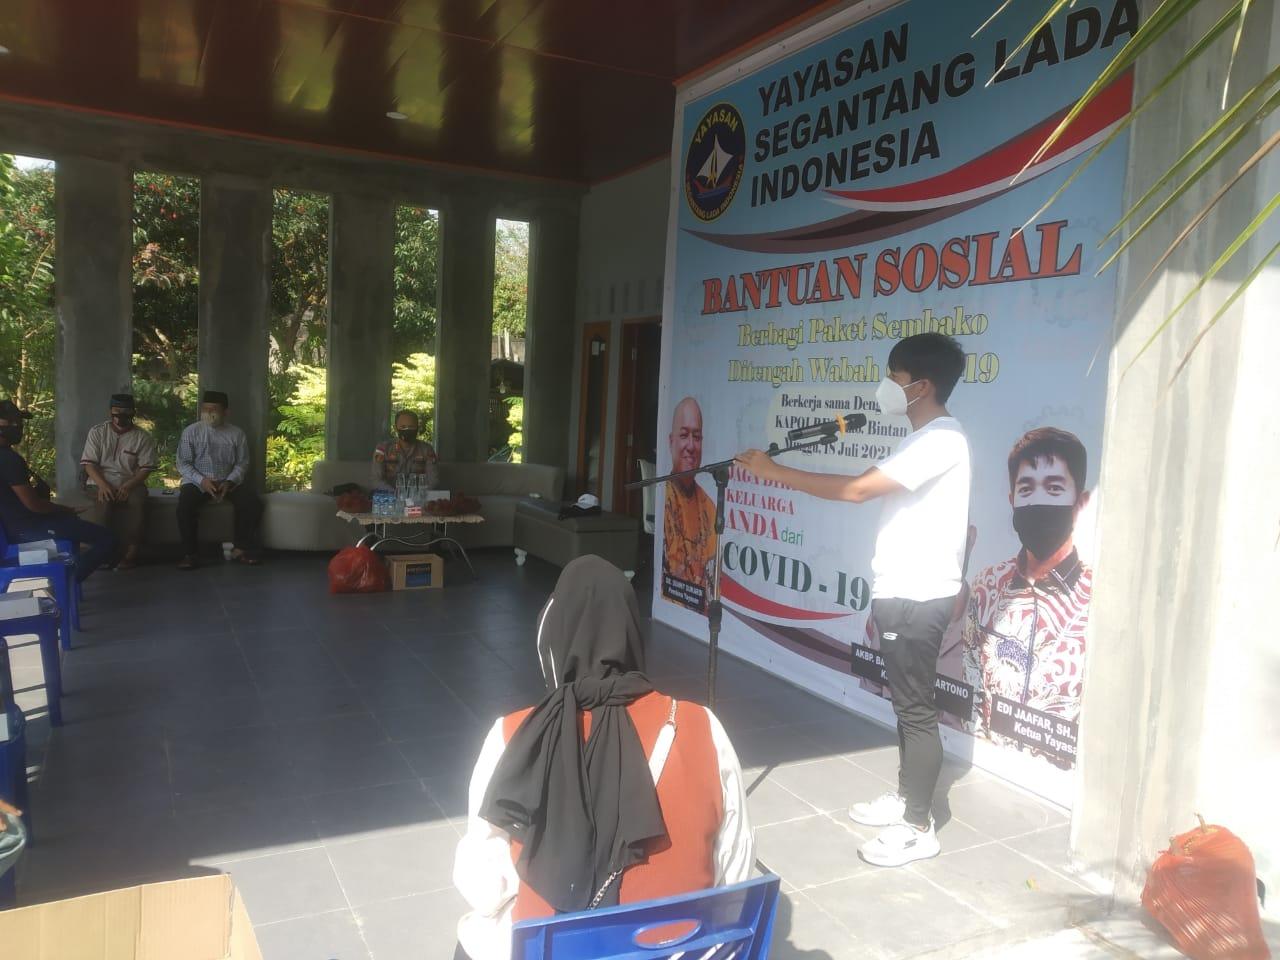 Foto isoman dan bantuan sembako, paket bantuan, Salurkan bantuan, segantang lada indonesia, Yayasan segantang lada indonesia